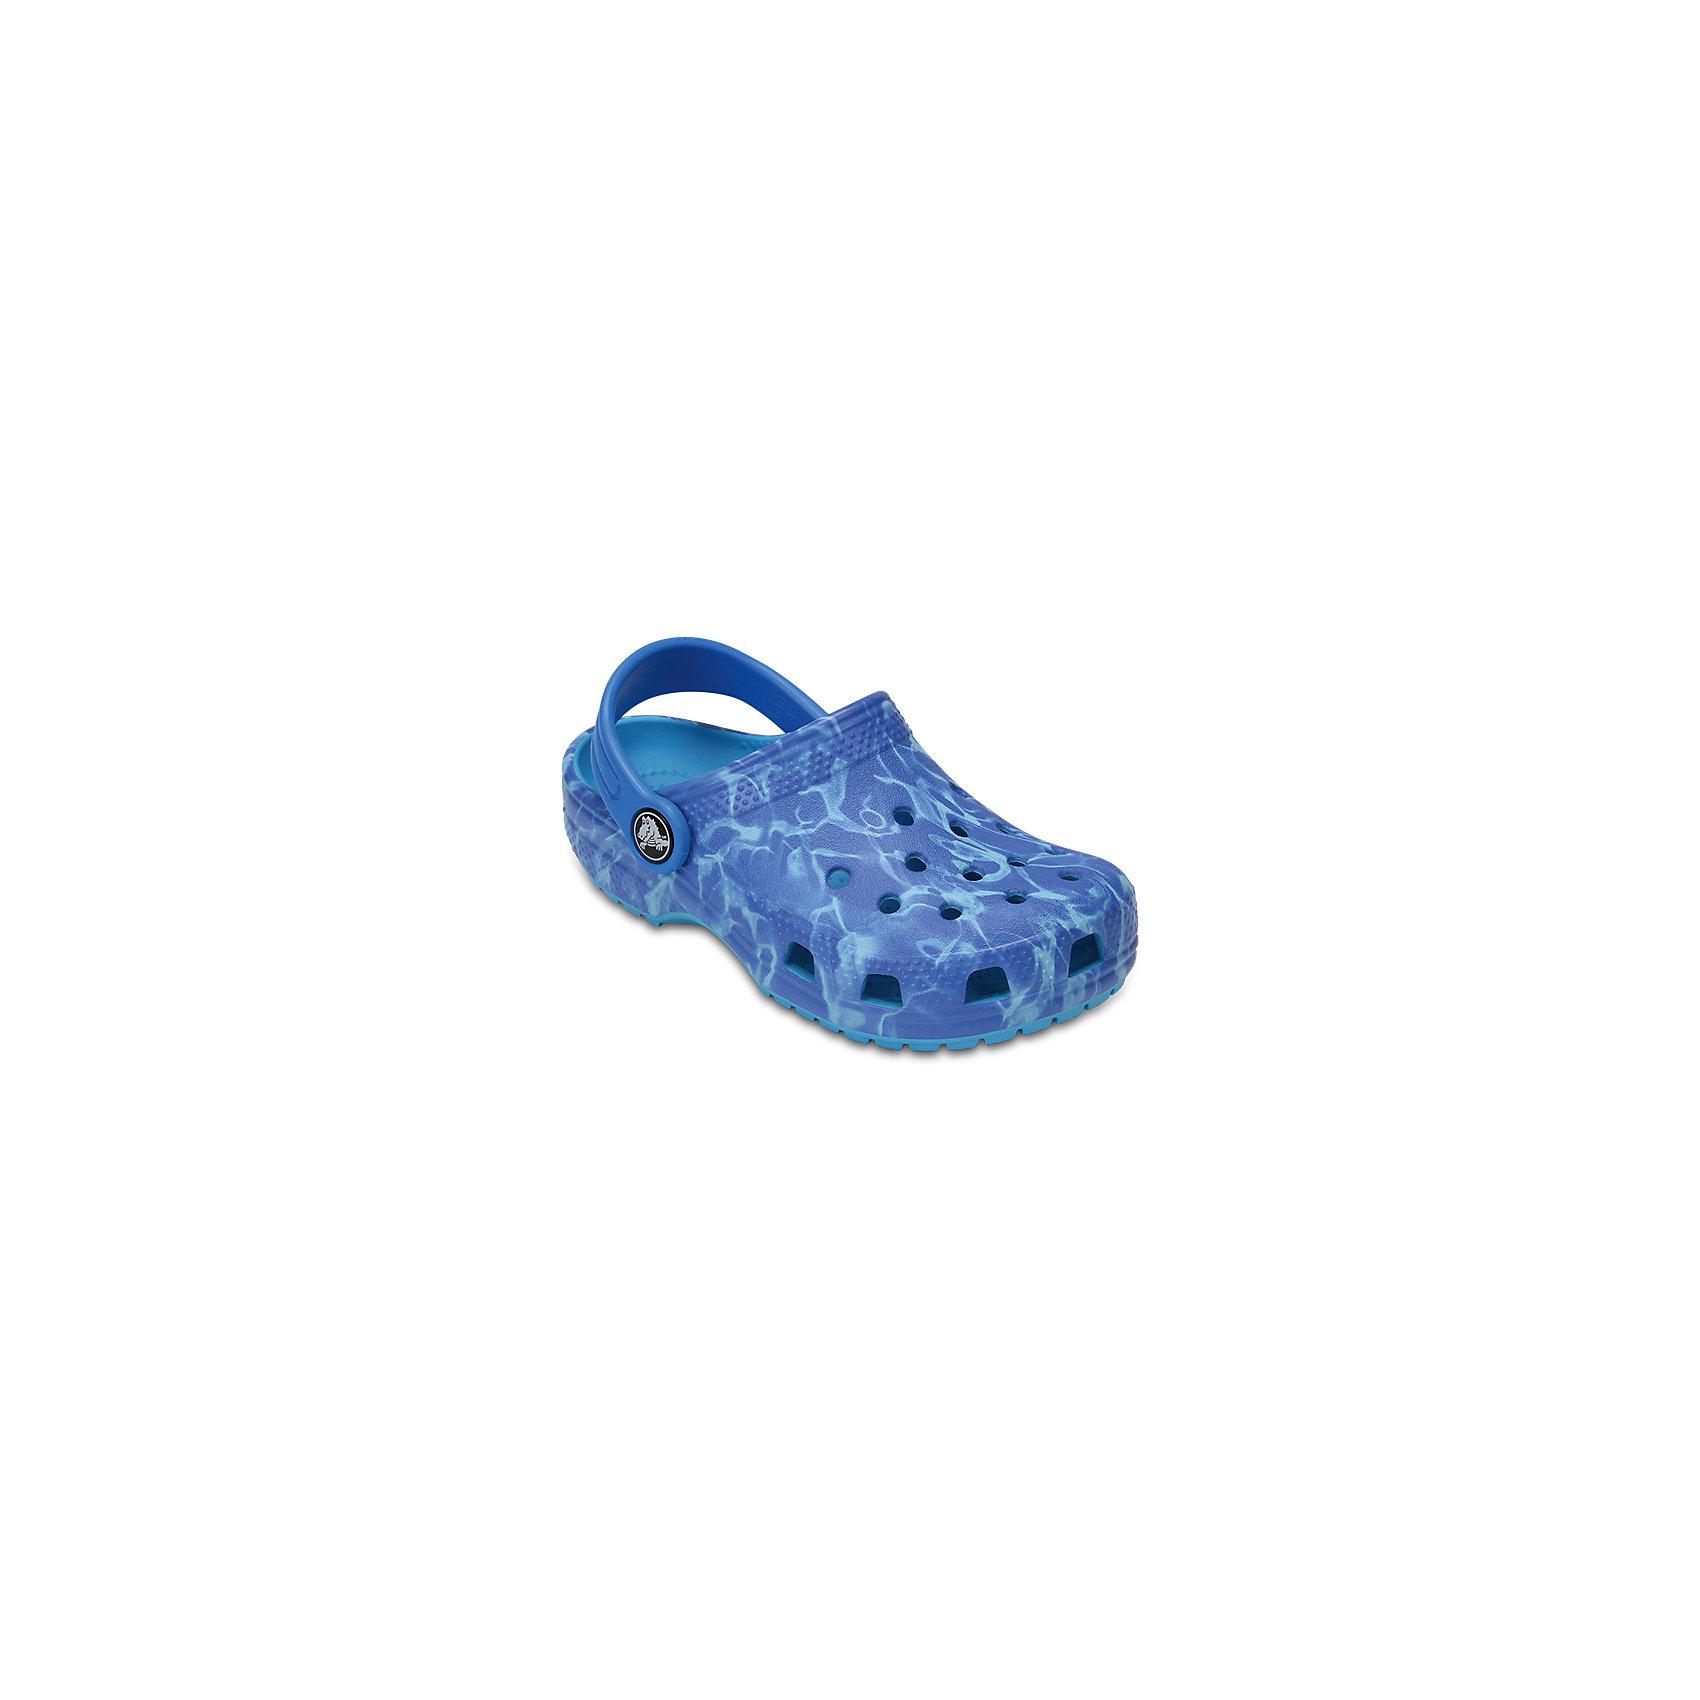 Сабо Kids Aqua CROCSПляжная обувь<br>Характеристики товара:<br><br>• цвет: синий<br>• принт: Аква<br>• сезон: лето<br>• тип: пляжная обувь<br>• материал: 100% полимер Croslite™<br>• под воздействием температуры тела принимают форму стопы<br>• полностью литая модель<br>• вентиляционные отверстия<br>• бактериостатичный материал<br>• пяточный ремешок фиксирует стопу<br>• отверстия для использования украшений<br>• анатомическая стелька с массажными точками<br>• страна бренда: США<br>• страна изготовитель: Китай<br><br>Для правильного развития ребенка крайне важно, чтобы обувь была удобной.<br><br>Такие сабо обеспечивают детям необходимый комфорт, а анатомическая стелька с массажными линиями для стимуляции кровообращения позволяет ножкам дольше не уставать. <br><br>Сабо легко надеваются и снимаются, отлично сидят на ноге. <br><br>Материал, из которого они сделаны, не дает размножаться бактериям, поэтому такая обувь препятствует образованию неприятного запаха и появлению болезней стоп.<br><br>Обувь от американского бренда Crocs в данный момент завоевала широкую популярность во всем мире, и это не удивительно - ведь она невероятно удобна. <br><br>Её носят врачи, спортсмены, звёзды шоу-бизнеса, люди, которым много времени приходится бывать на ногах - они понимают, как важна комфортная обувь. <br><br>Продукция Crocs - это качественные товары, созданные с применением новейших технологий. <br><br>Обувь отличается стильным дизайном и продуманной конструкцией. Изделие производится из качественных и проверенных материалов, которые безопасны для детей.<br><br>Сабо Kids Classic от торговой марки Crocs можно купить в нашем интернет-магазине.<br><br>Ширина мм: 225<br>Глубина мм: 139<br>Высота мм: 112<br>Вес г: 290<br>Цвет: синий<br>Возраст от месяцев: 60<br>Возраст до месяцев: 72<br>Пол: Унисекс<br>Возраст: Детский<br>Размер: 29,30,21,22,23,24,25,26,31/32,33/34,34/35,27,28<br>SKU: 5416344